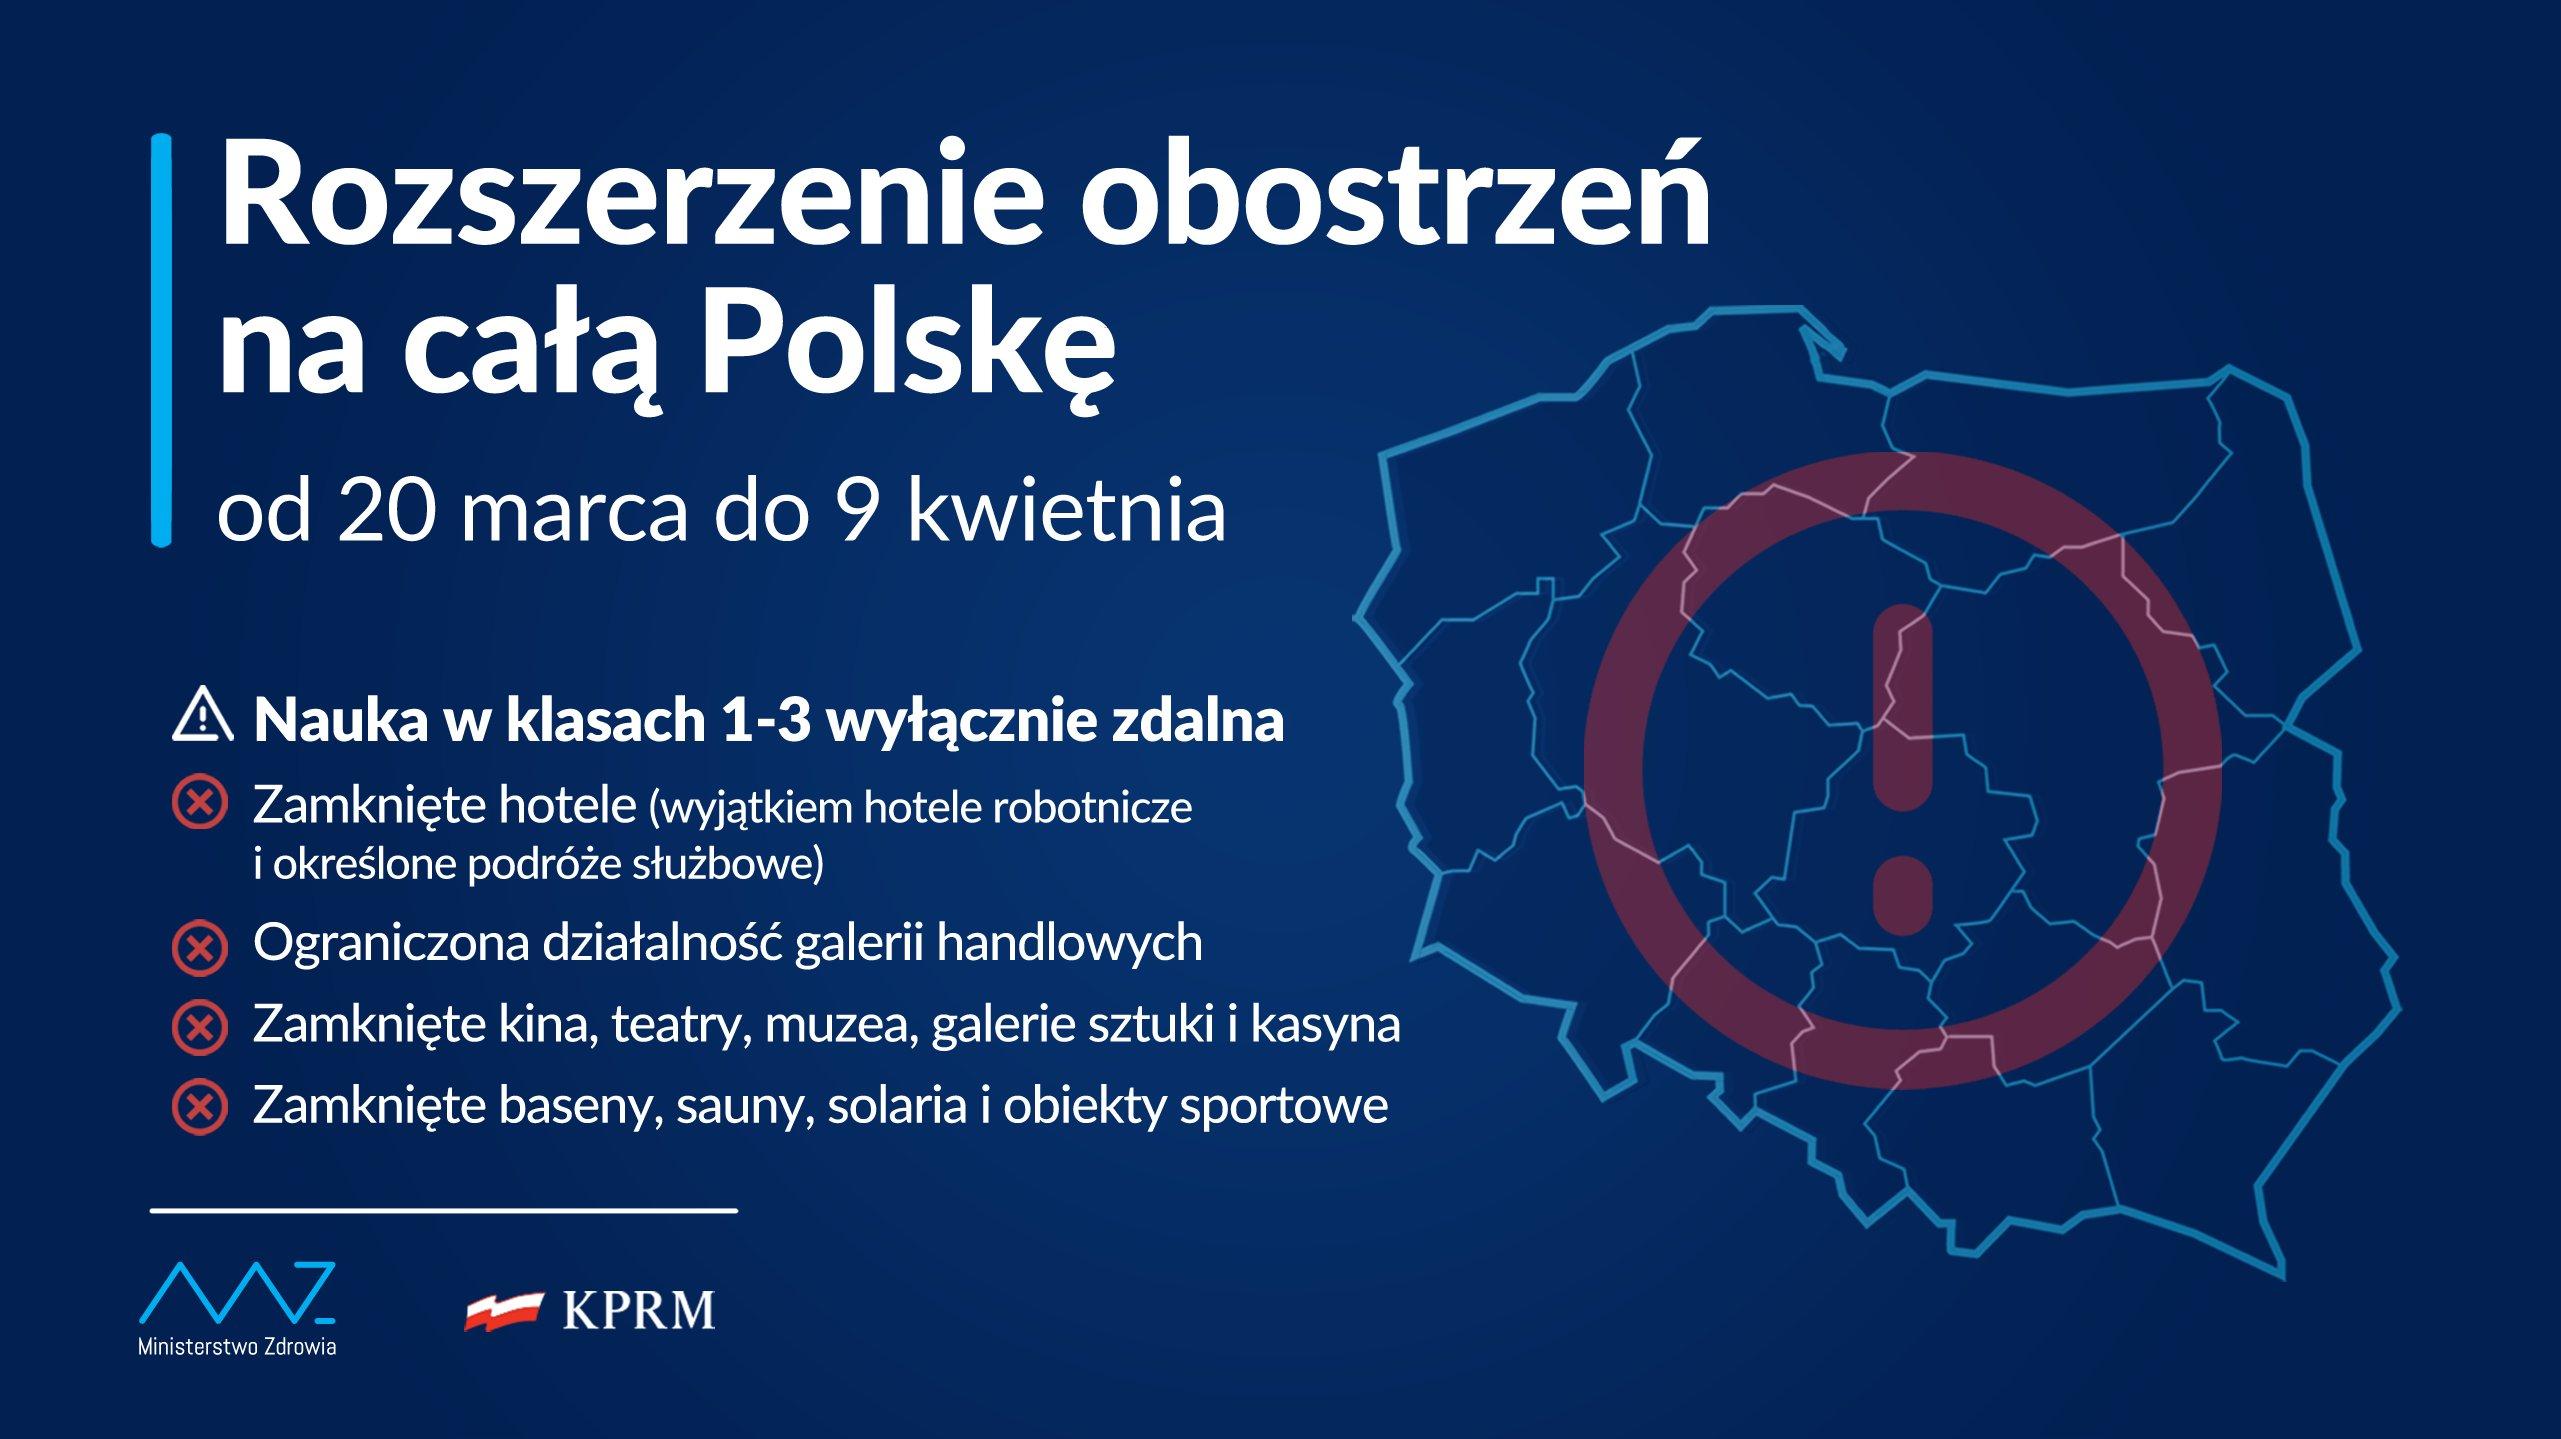 Rozszerzenie obostrzeń na całą Polskę od 20 marca do 9 kwietnia. - Nauka w klasach 1-3 wyłącznie zdalna - Zamknięte hotele - Ograniczona działalność galerii handlowych - Zamknięte instytucje kultury - Zamknięte obiekty sportowe